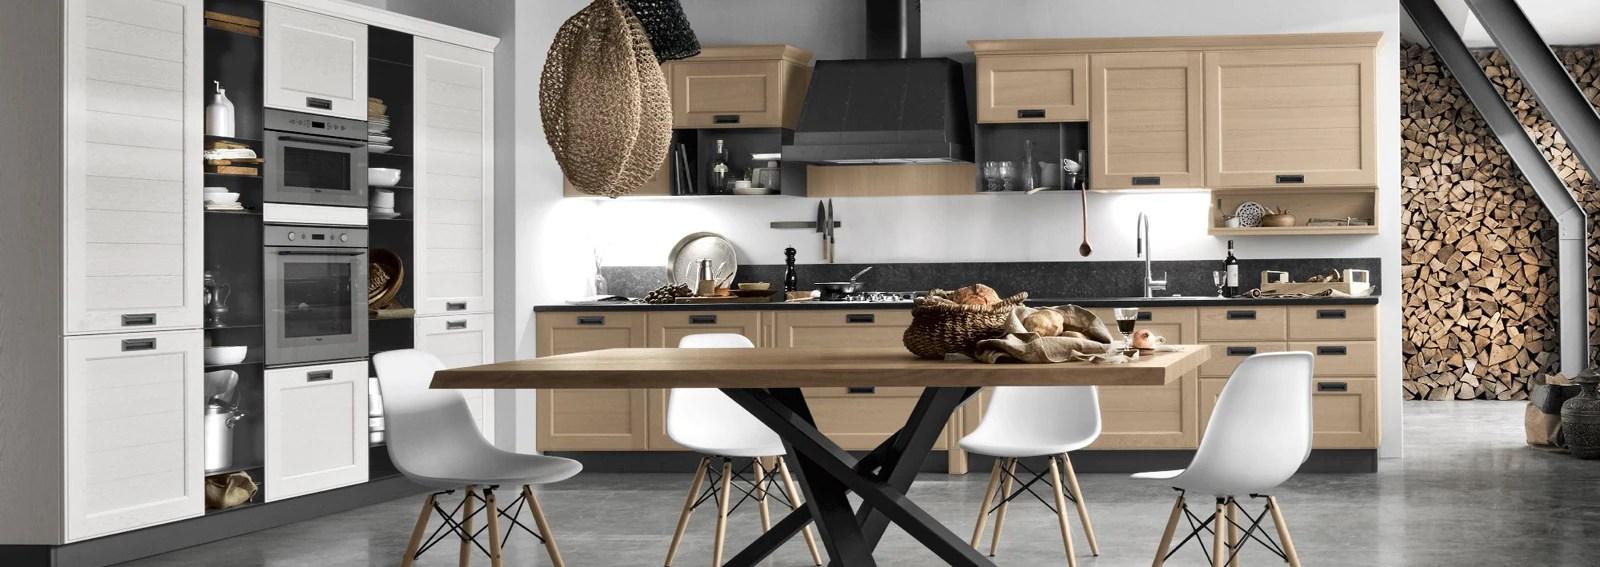 Le cucine pi belle del 2017  Grazia